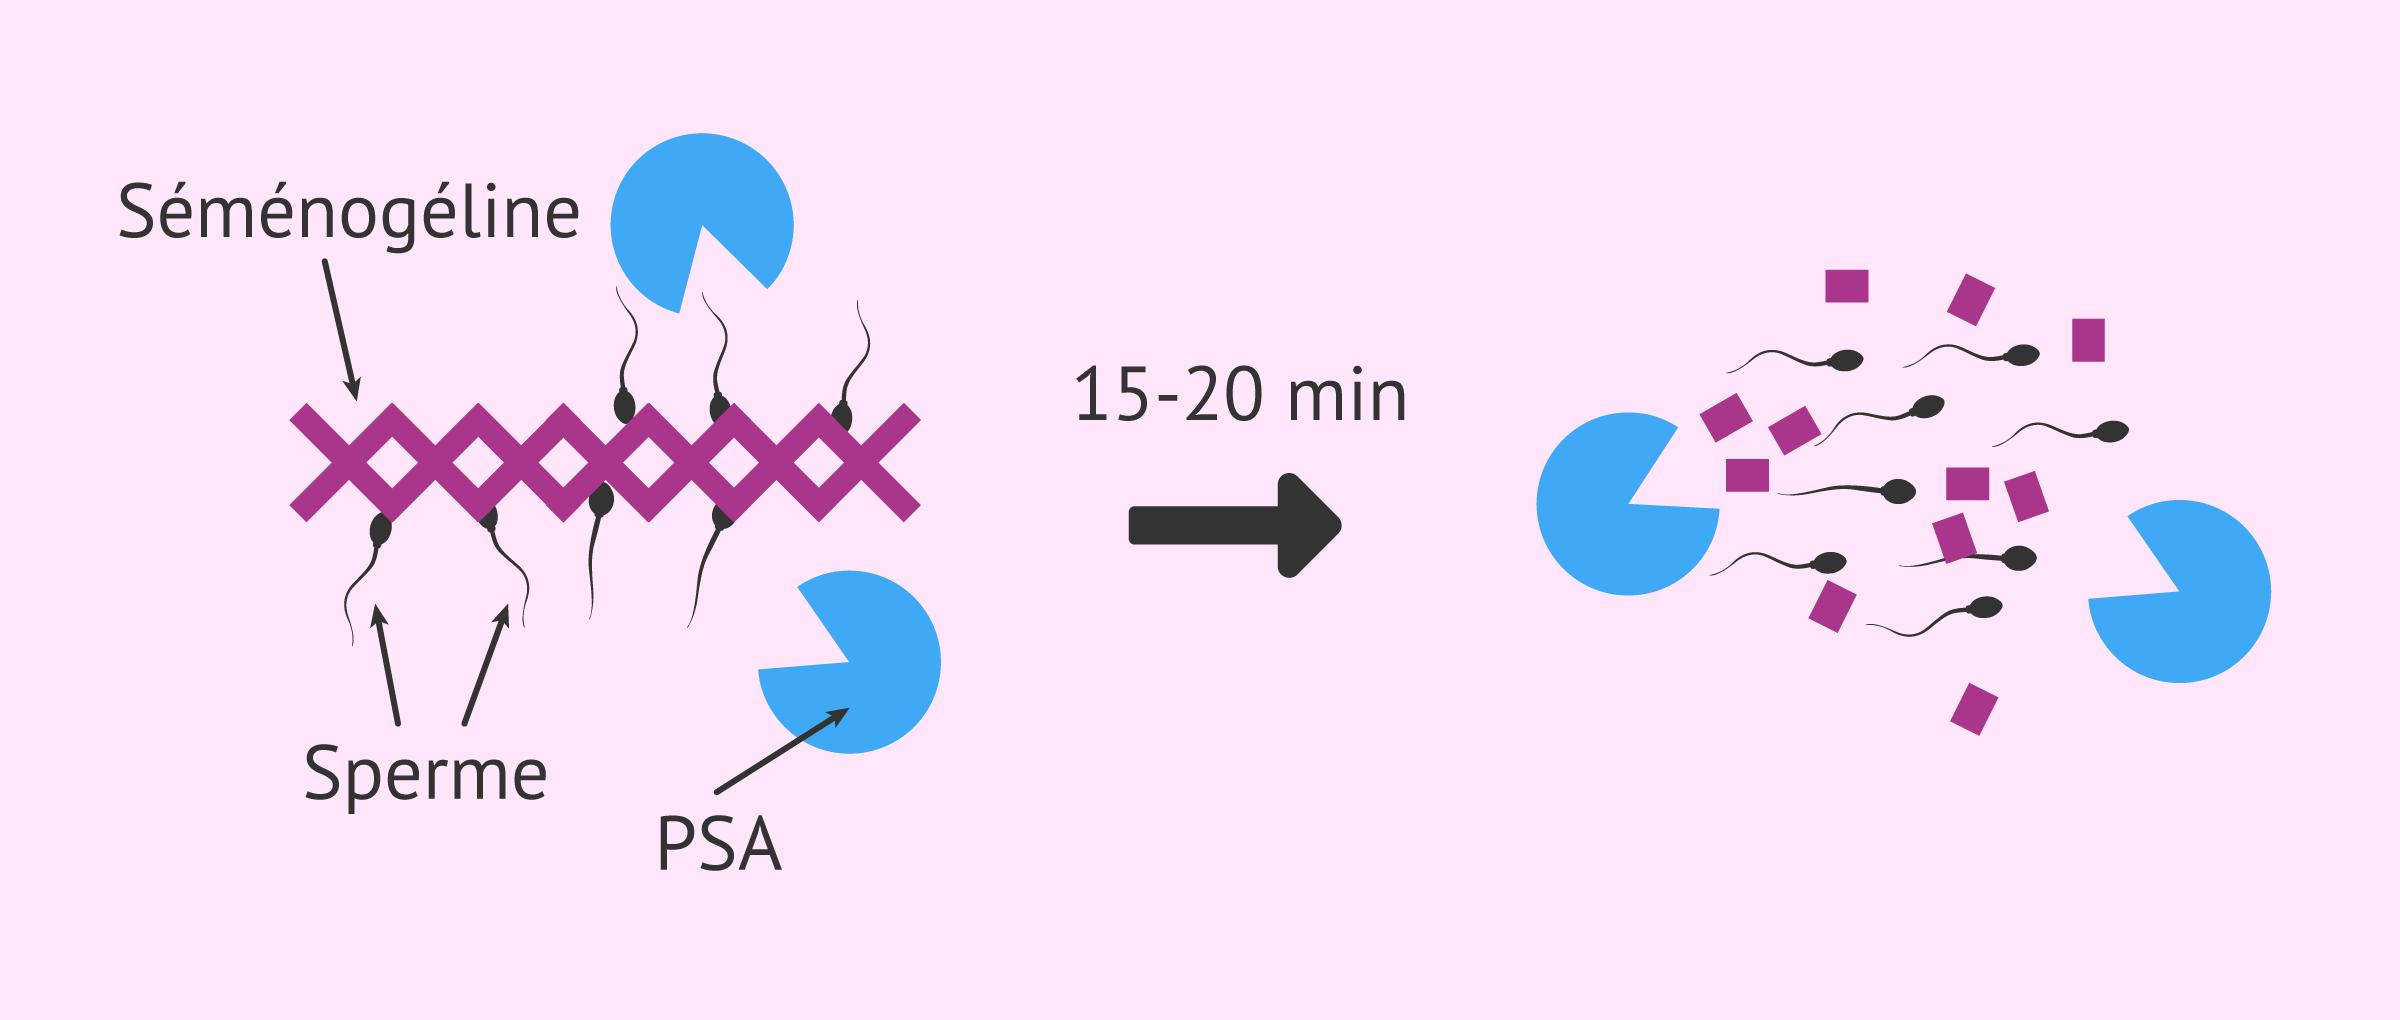 Comment la densité du sperme affecte-t-elle la fertilité?